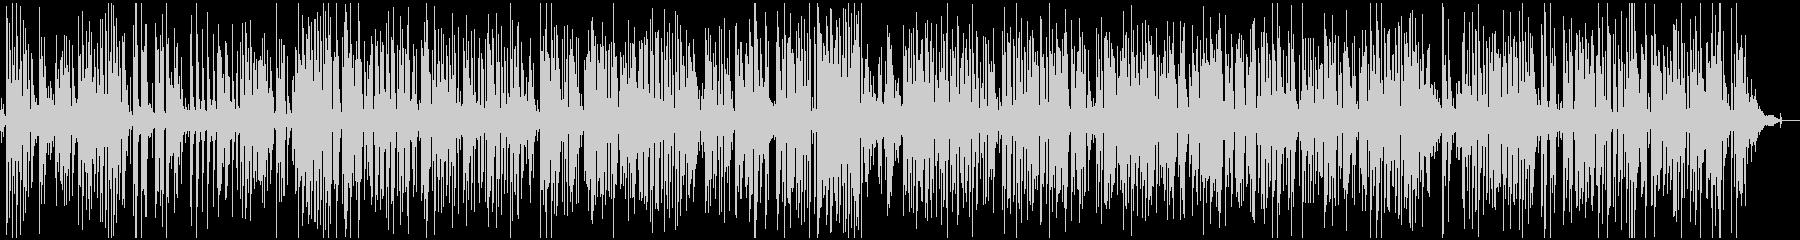 疾走感アコースティックジャズピアノトリオの未再生の波形